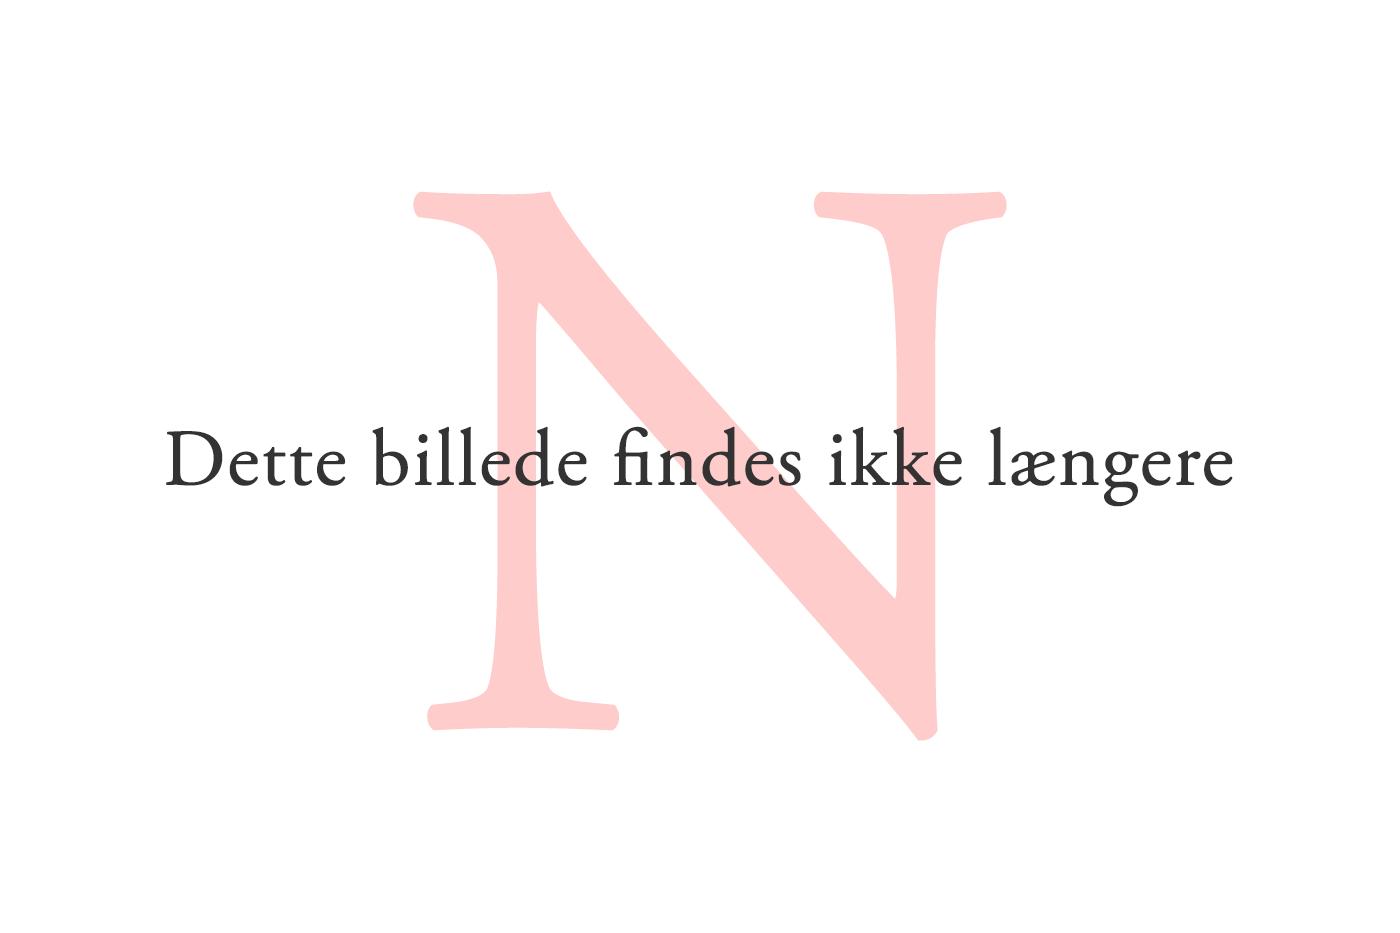 Københavns Universitet og Roskilde Universitet lægger op til fyringer i 2016. Det er en reaktion på Venstres finanslovsforslag, der indeholder besparelser på to procent om året for alle landets universiteter. Foto: Wikipedia